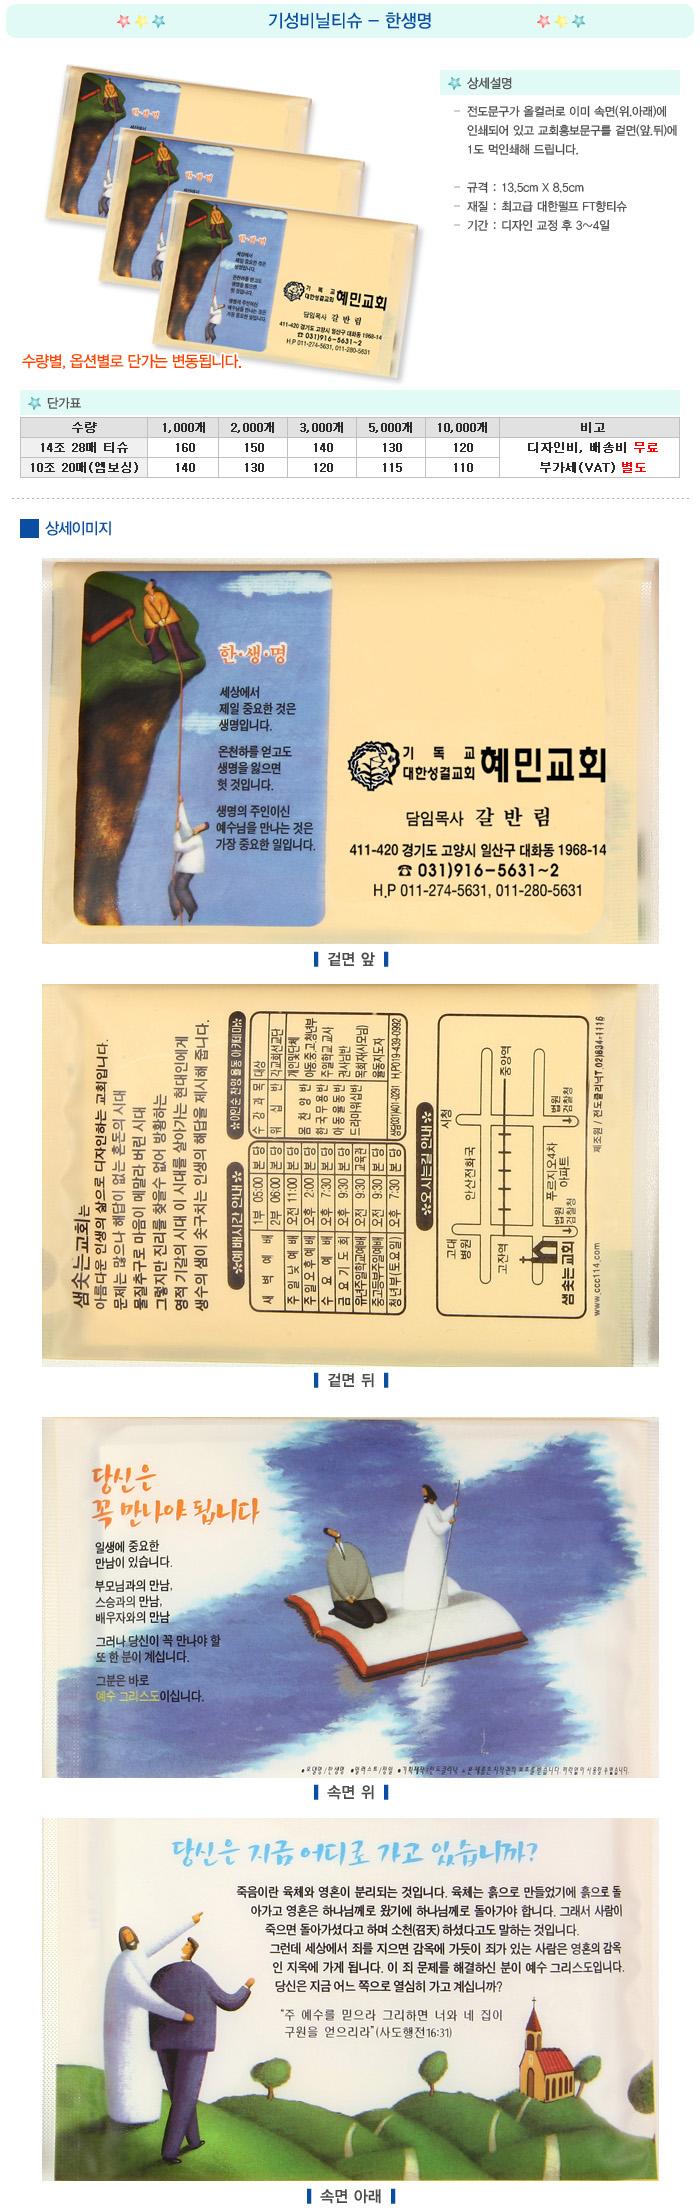 tissue2010_3_view.jpg